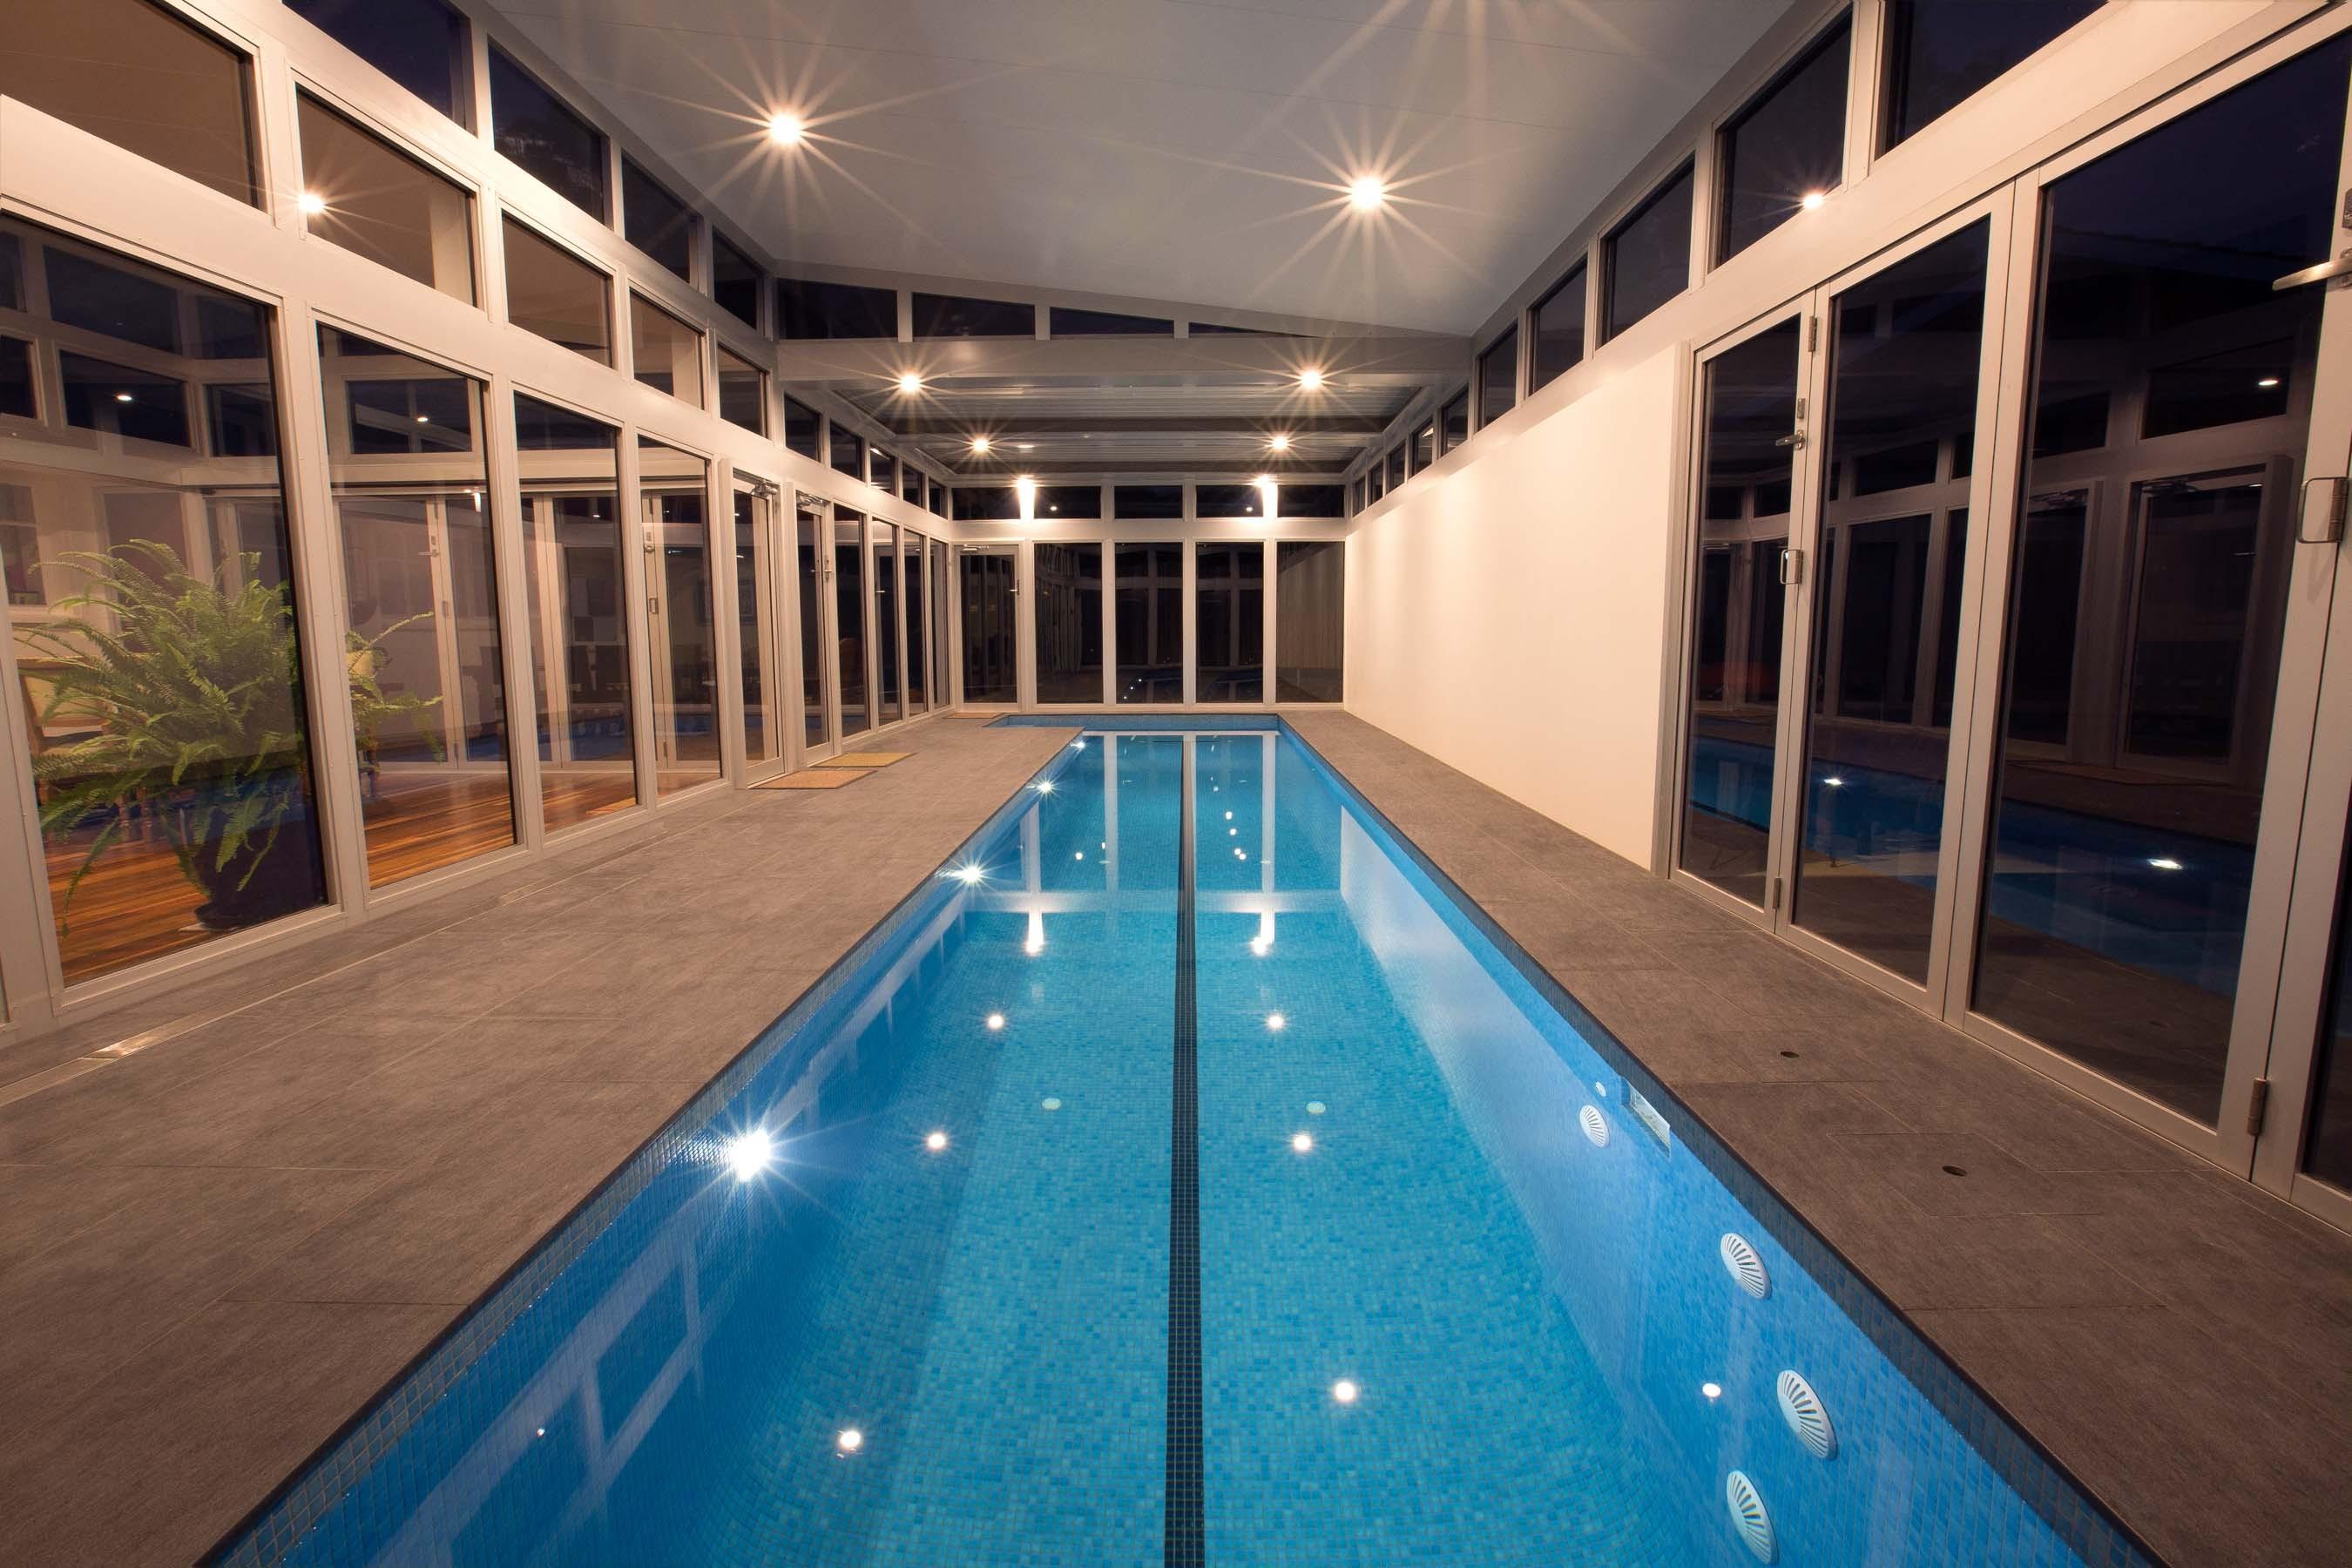 Pool-Tiles Gallery Niebla caribe-01